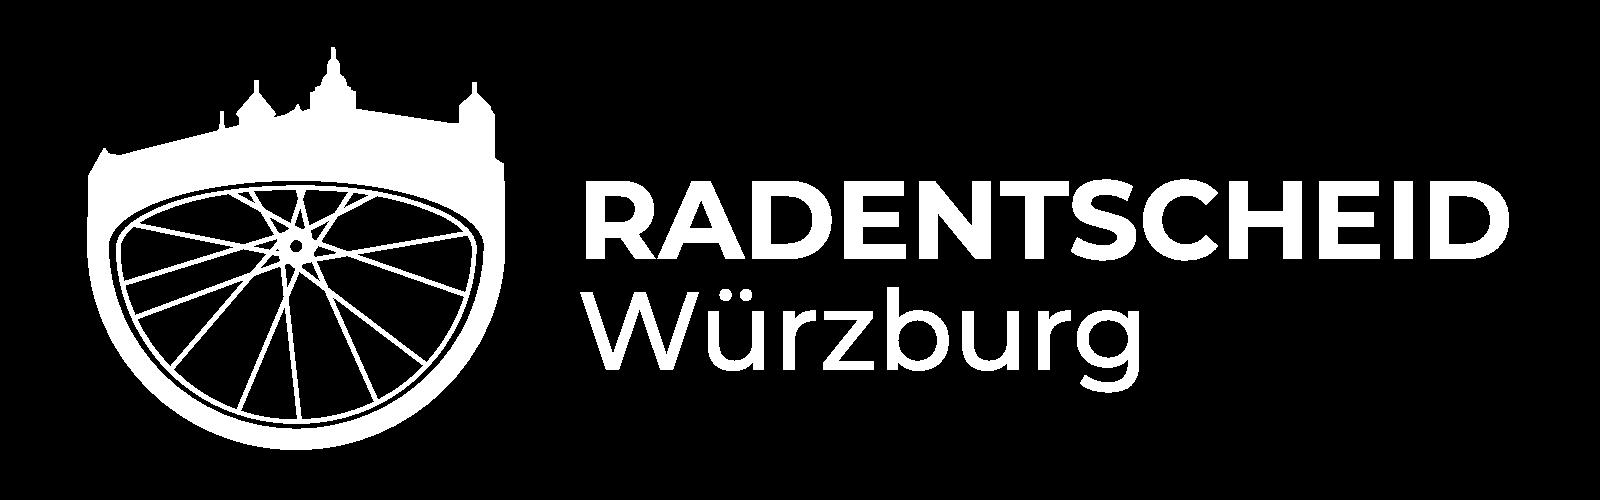 Radentscheid Würzburg